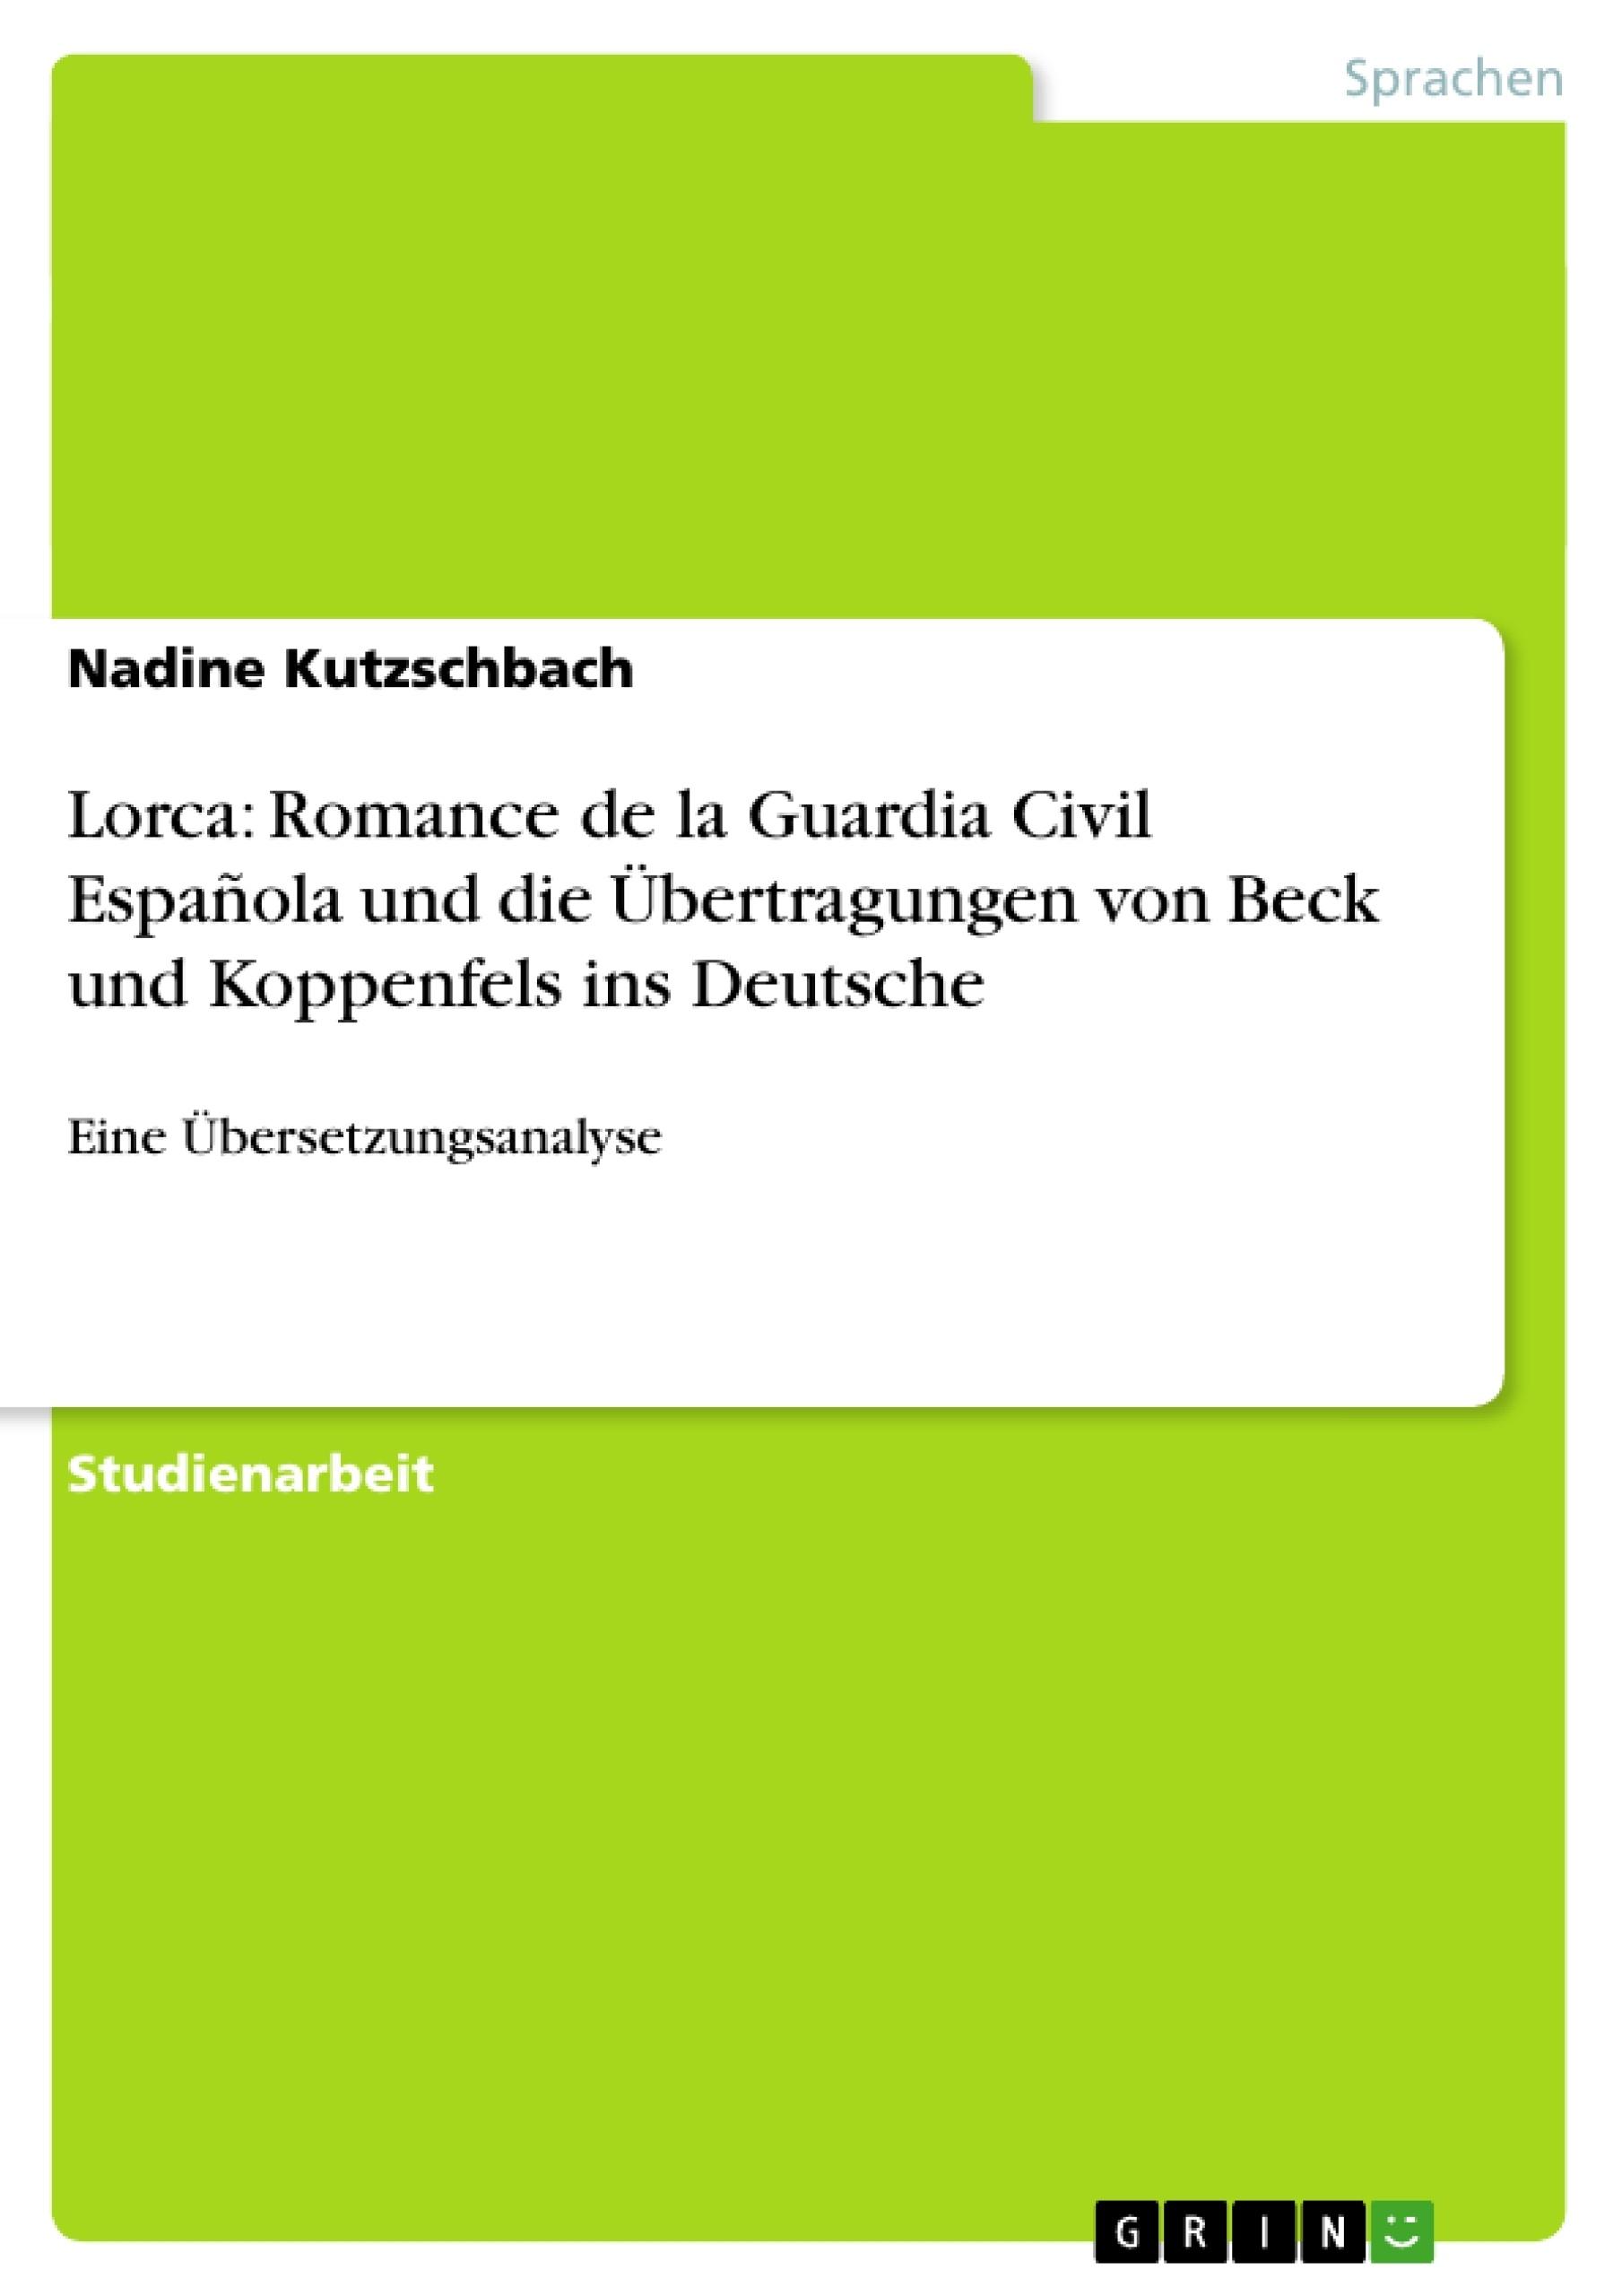 Titel: Lorca: Romance de la Guardia Civil Española und die Übertragungen von Beck und Koppenfels ins Deutsche